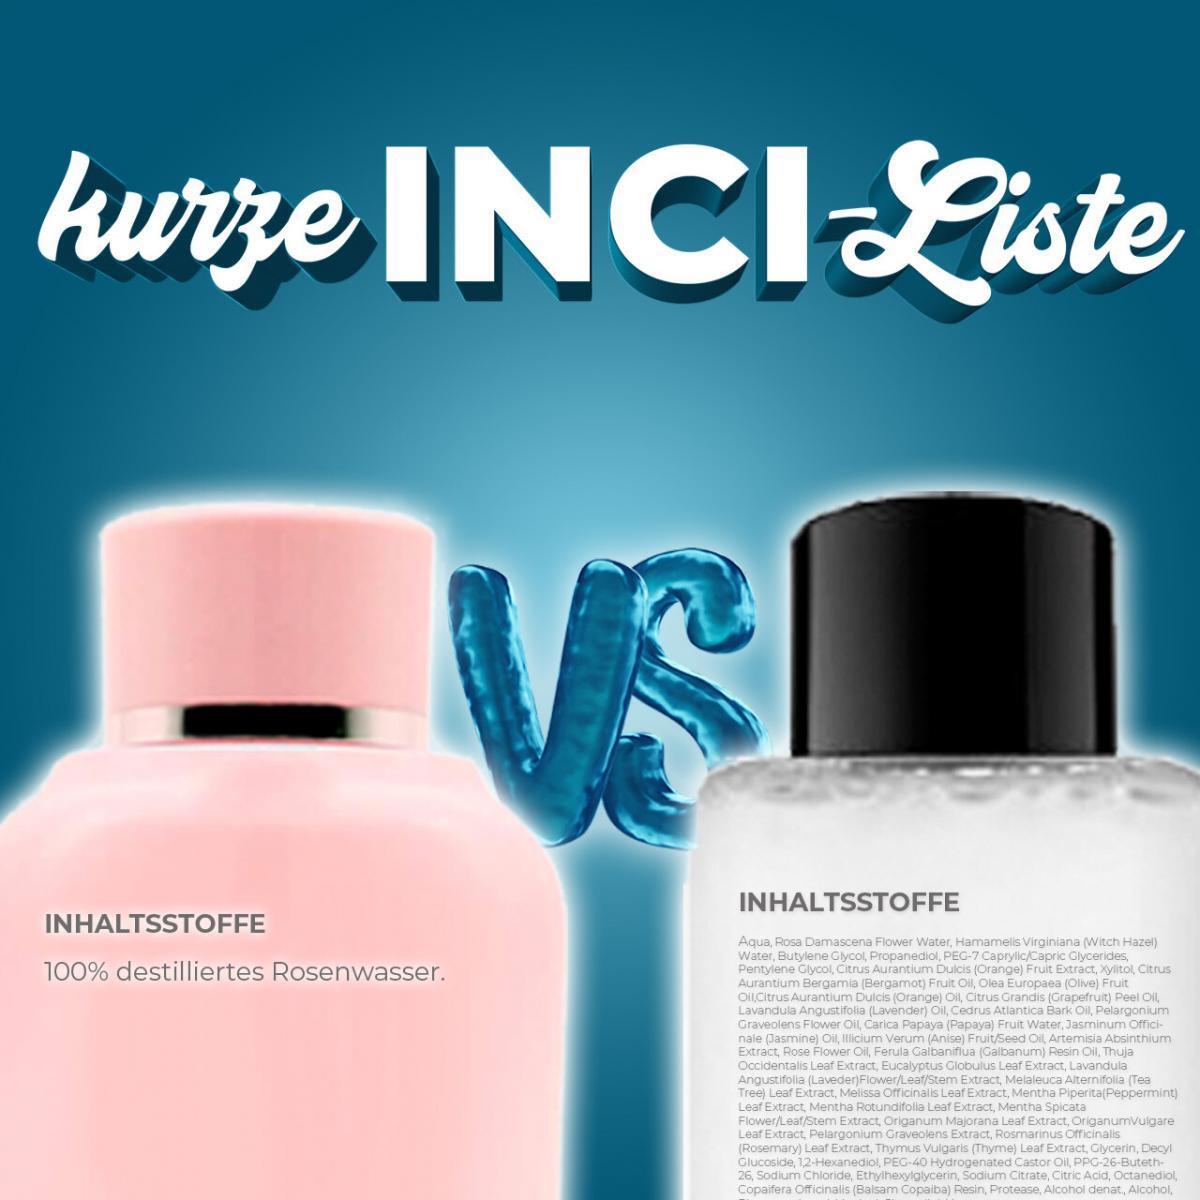 kurze INCI Liste Inhaltsstoffliste wenige Inhaltsstoffe besser Skincare Hautpflege minimalistisch Extrakte Hydrolate The Ordinary Rosence Rosenwasser